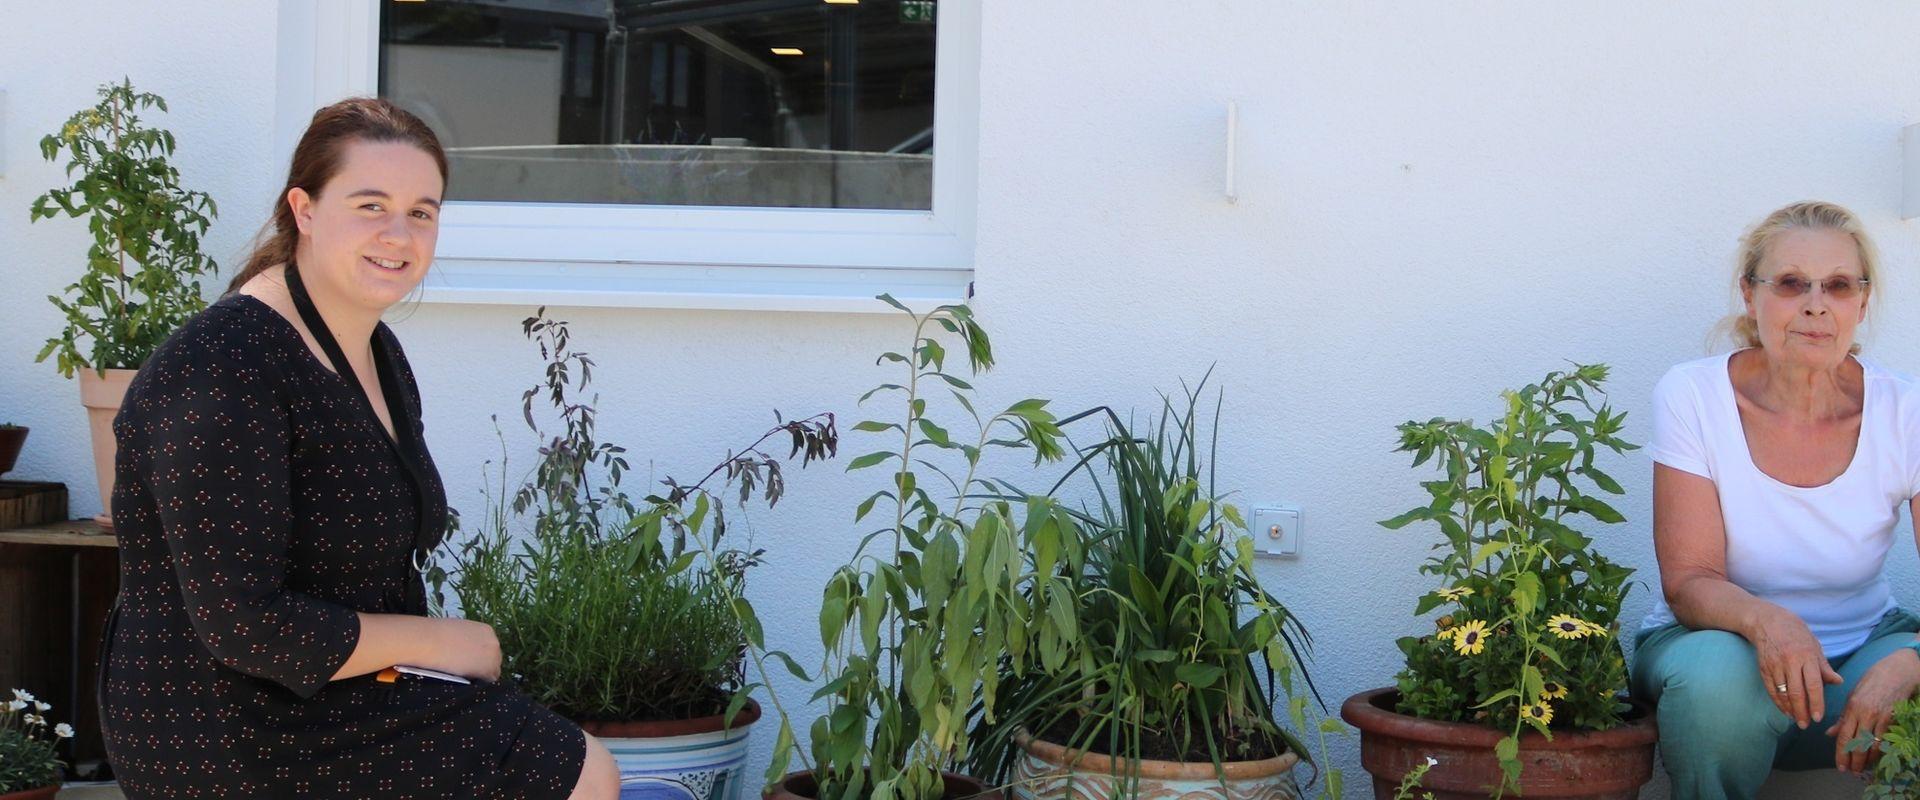 Betreuerin Marie und Spenderin Brigitte arrangierten die Pflanzen zusammen auf der Terrasse.